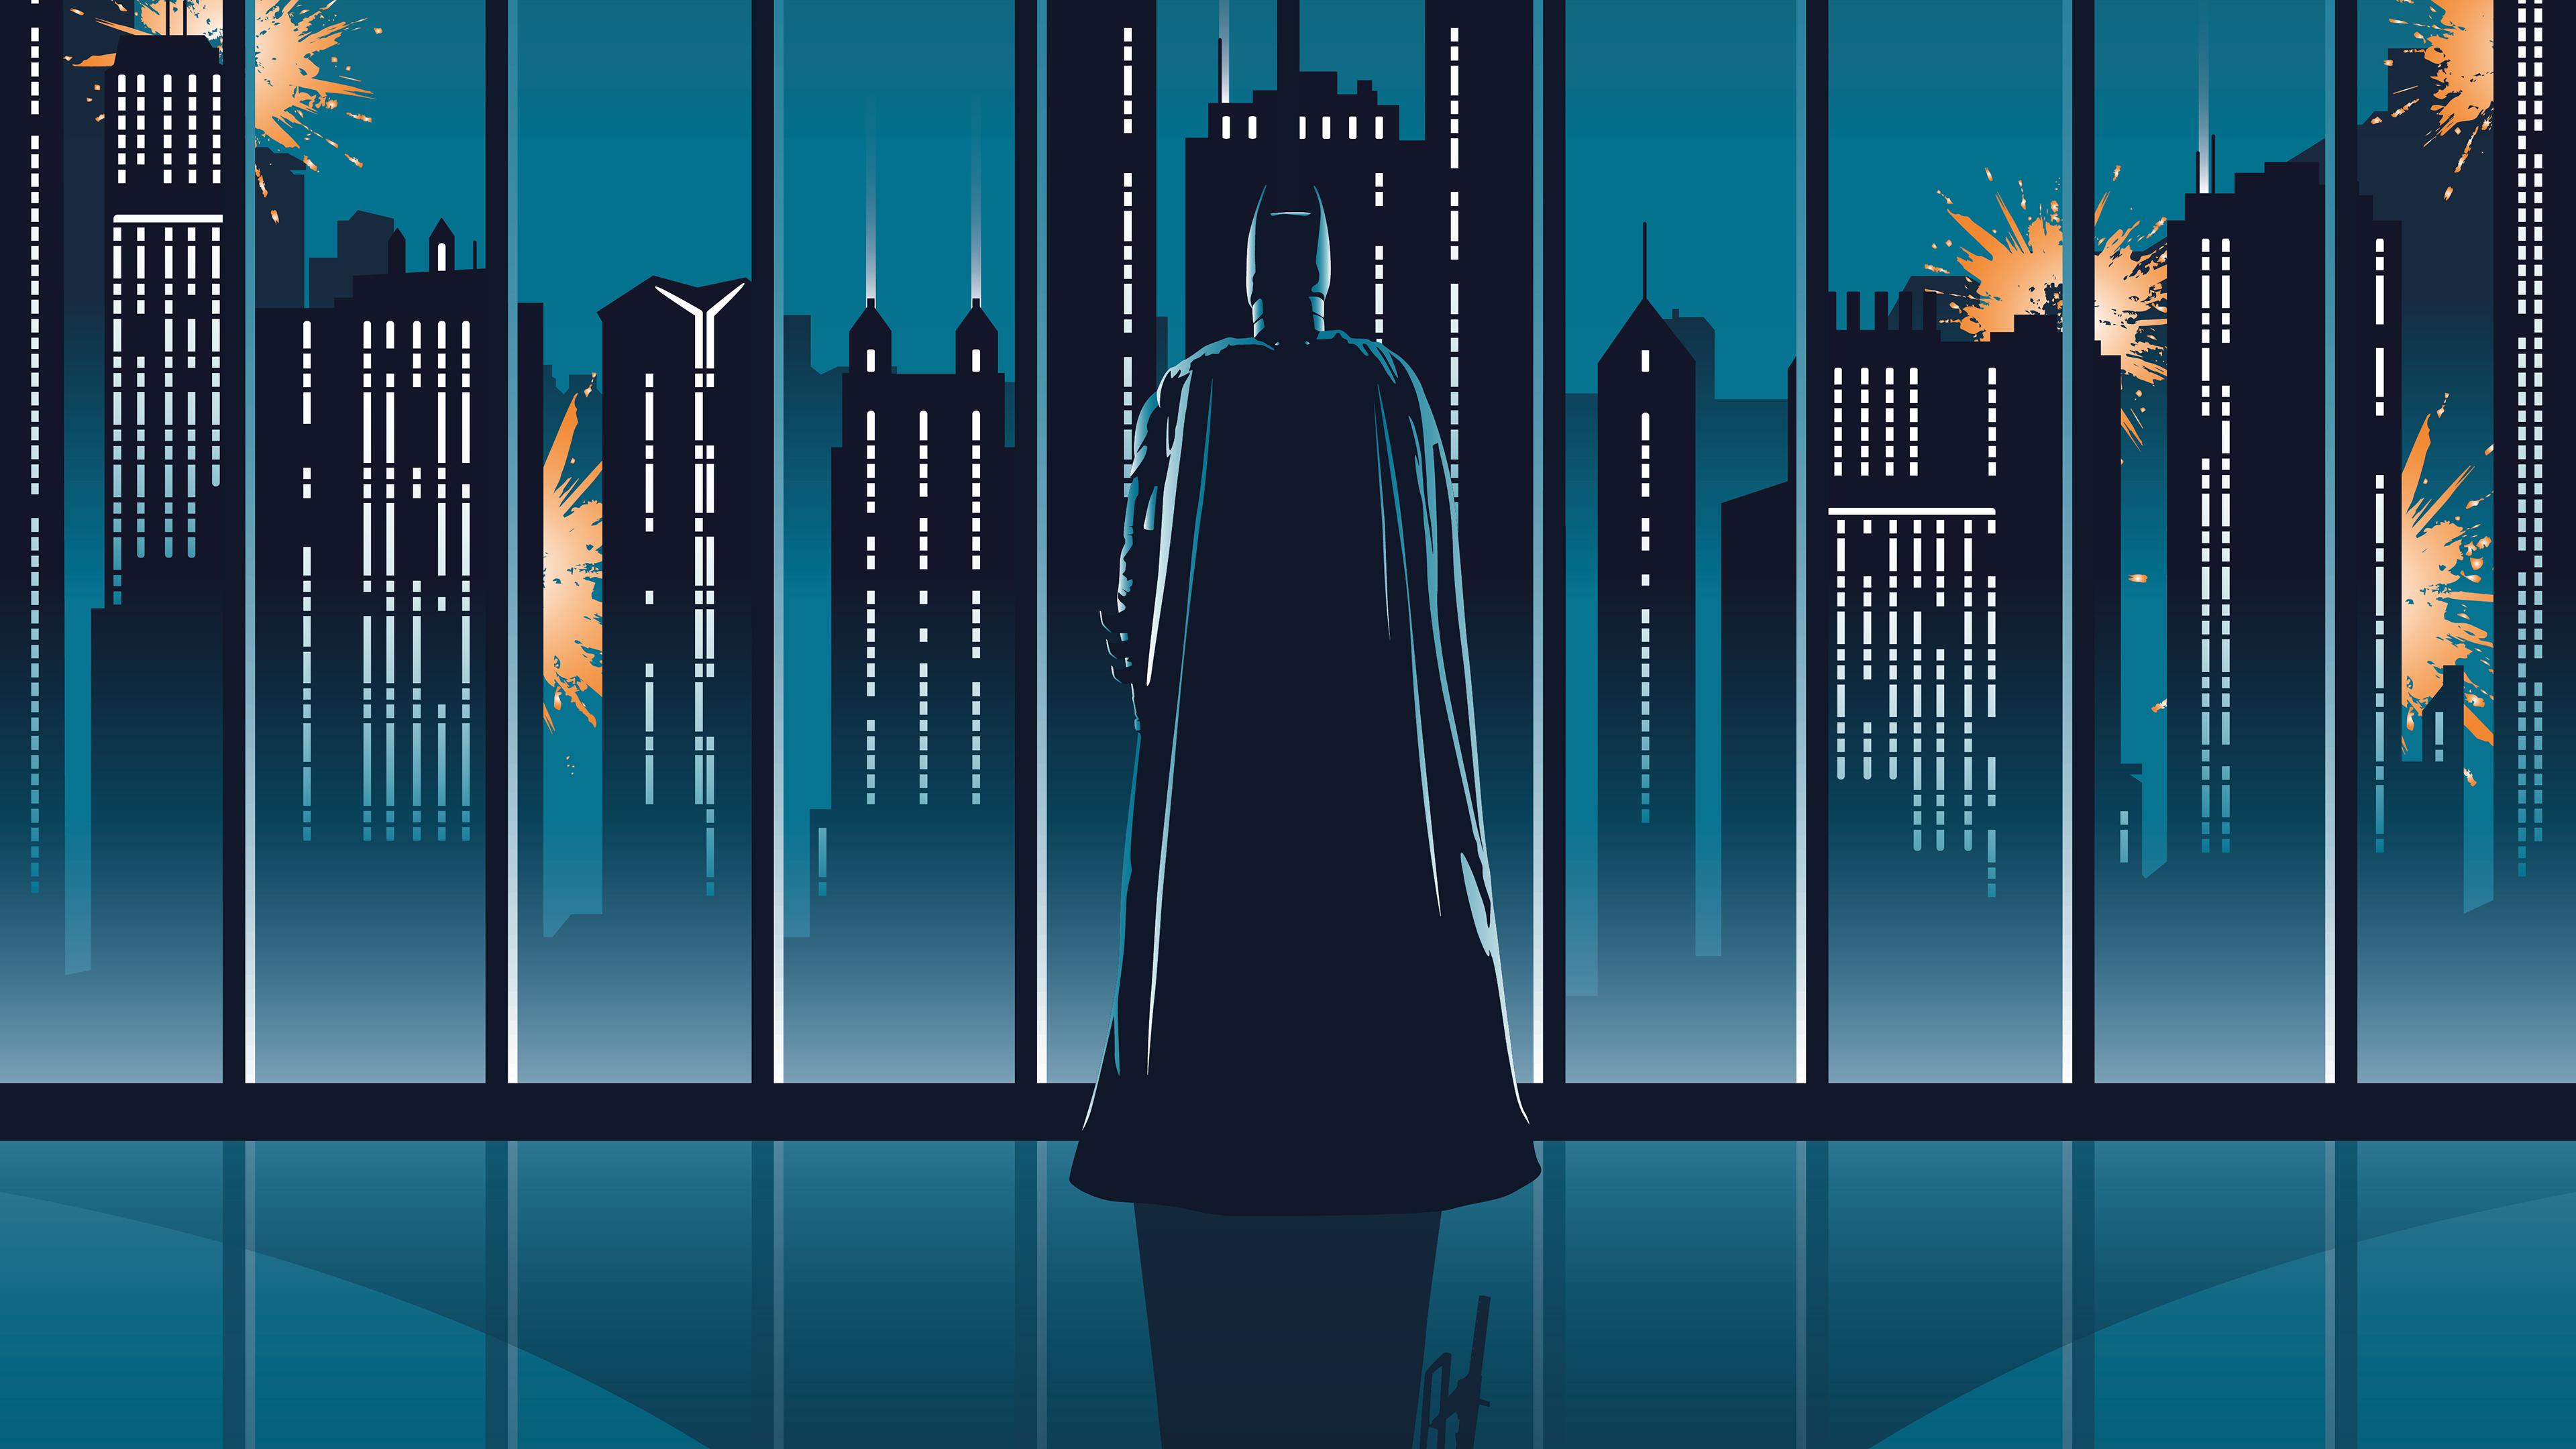 batman dark knight minimal 4k 1553072160 - Batman Dark Knight Minimal 4k - superheroes wallpapers, minimalist wallpapers, minimalism wallpapers, hd-wallpapers, digital art wallpapers, behance wallpapers, batman wallpapers, artwork wallpapers, artist wallpapers, 4k-wallpapers